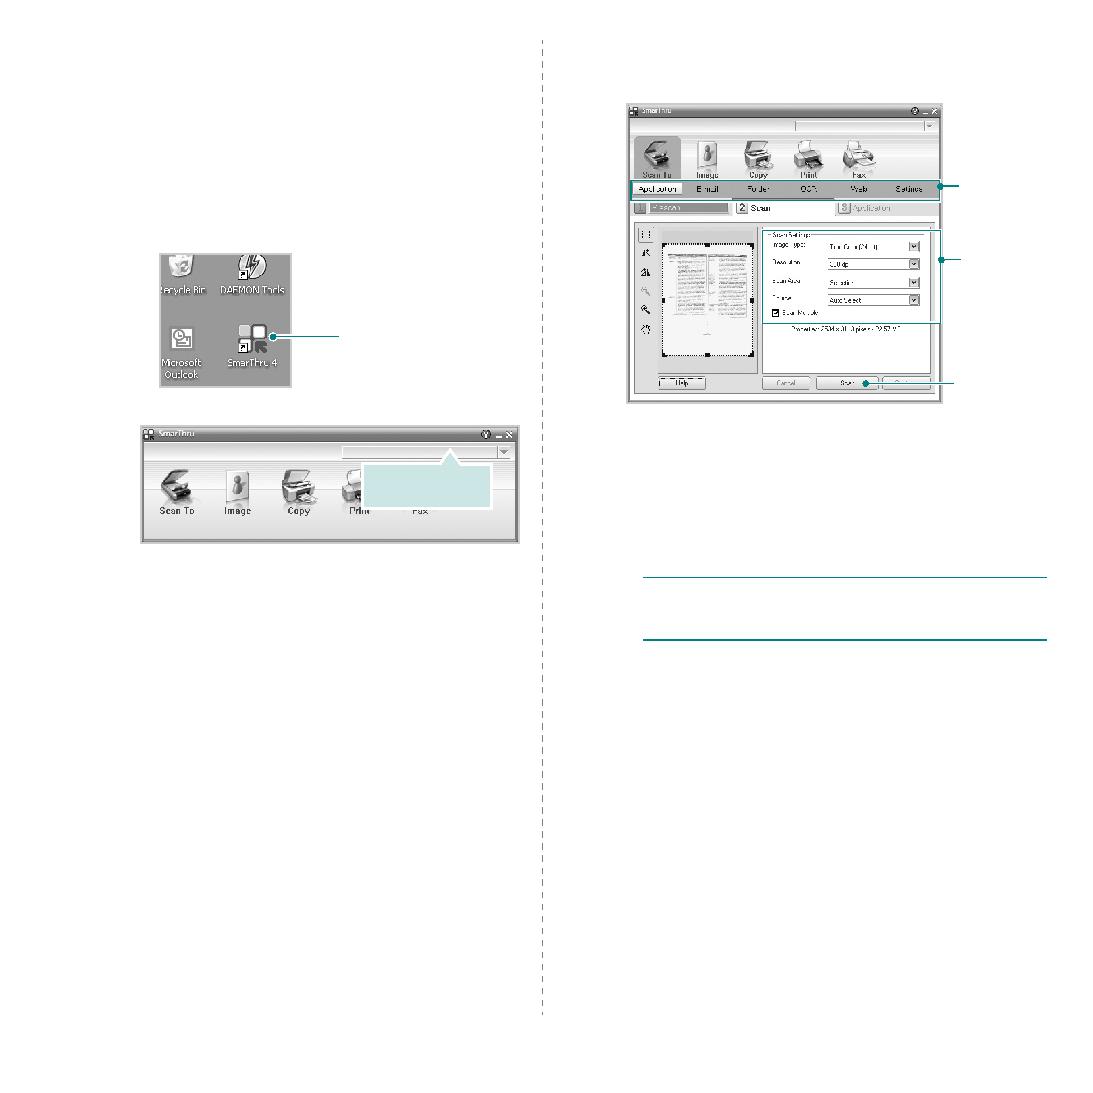 Smarthru 4 для samsung scx-4100 для windows 7